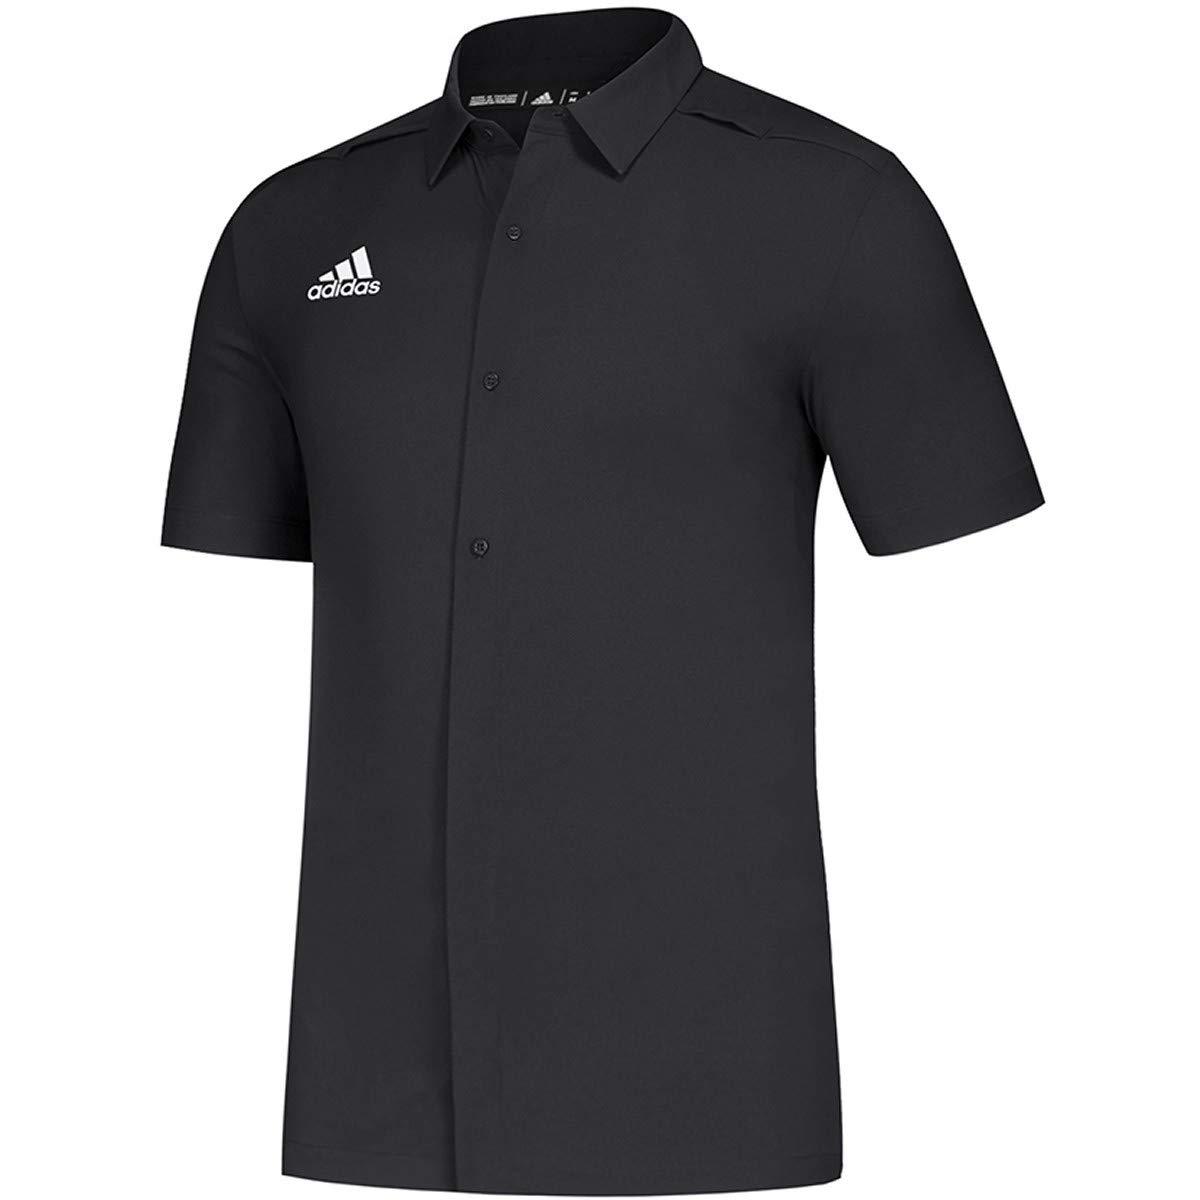 adidas Game Mode Full Button Polo Mens Multi-Sport XXL Black//White